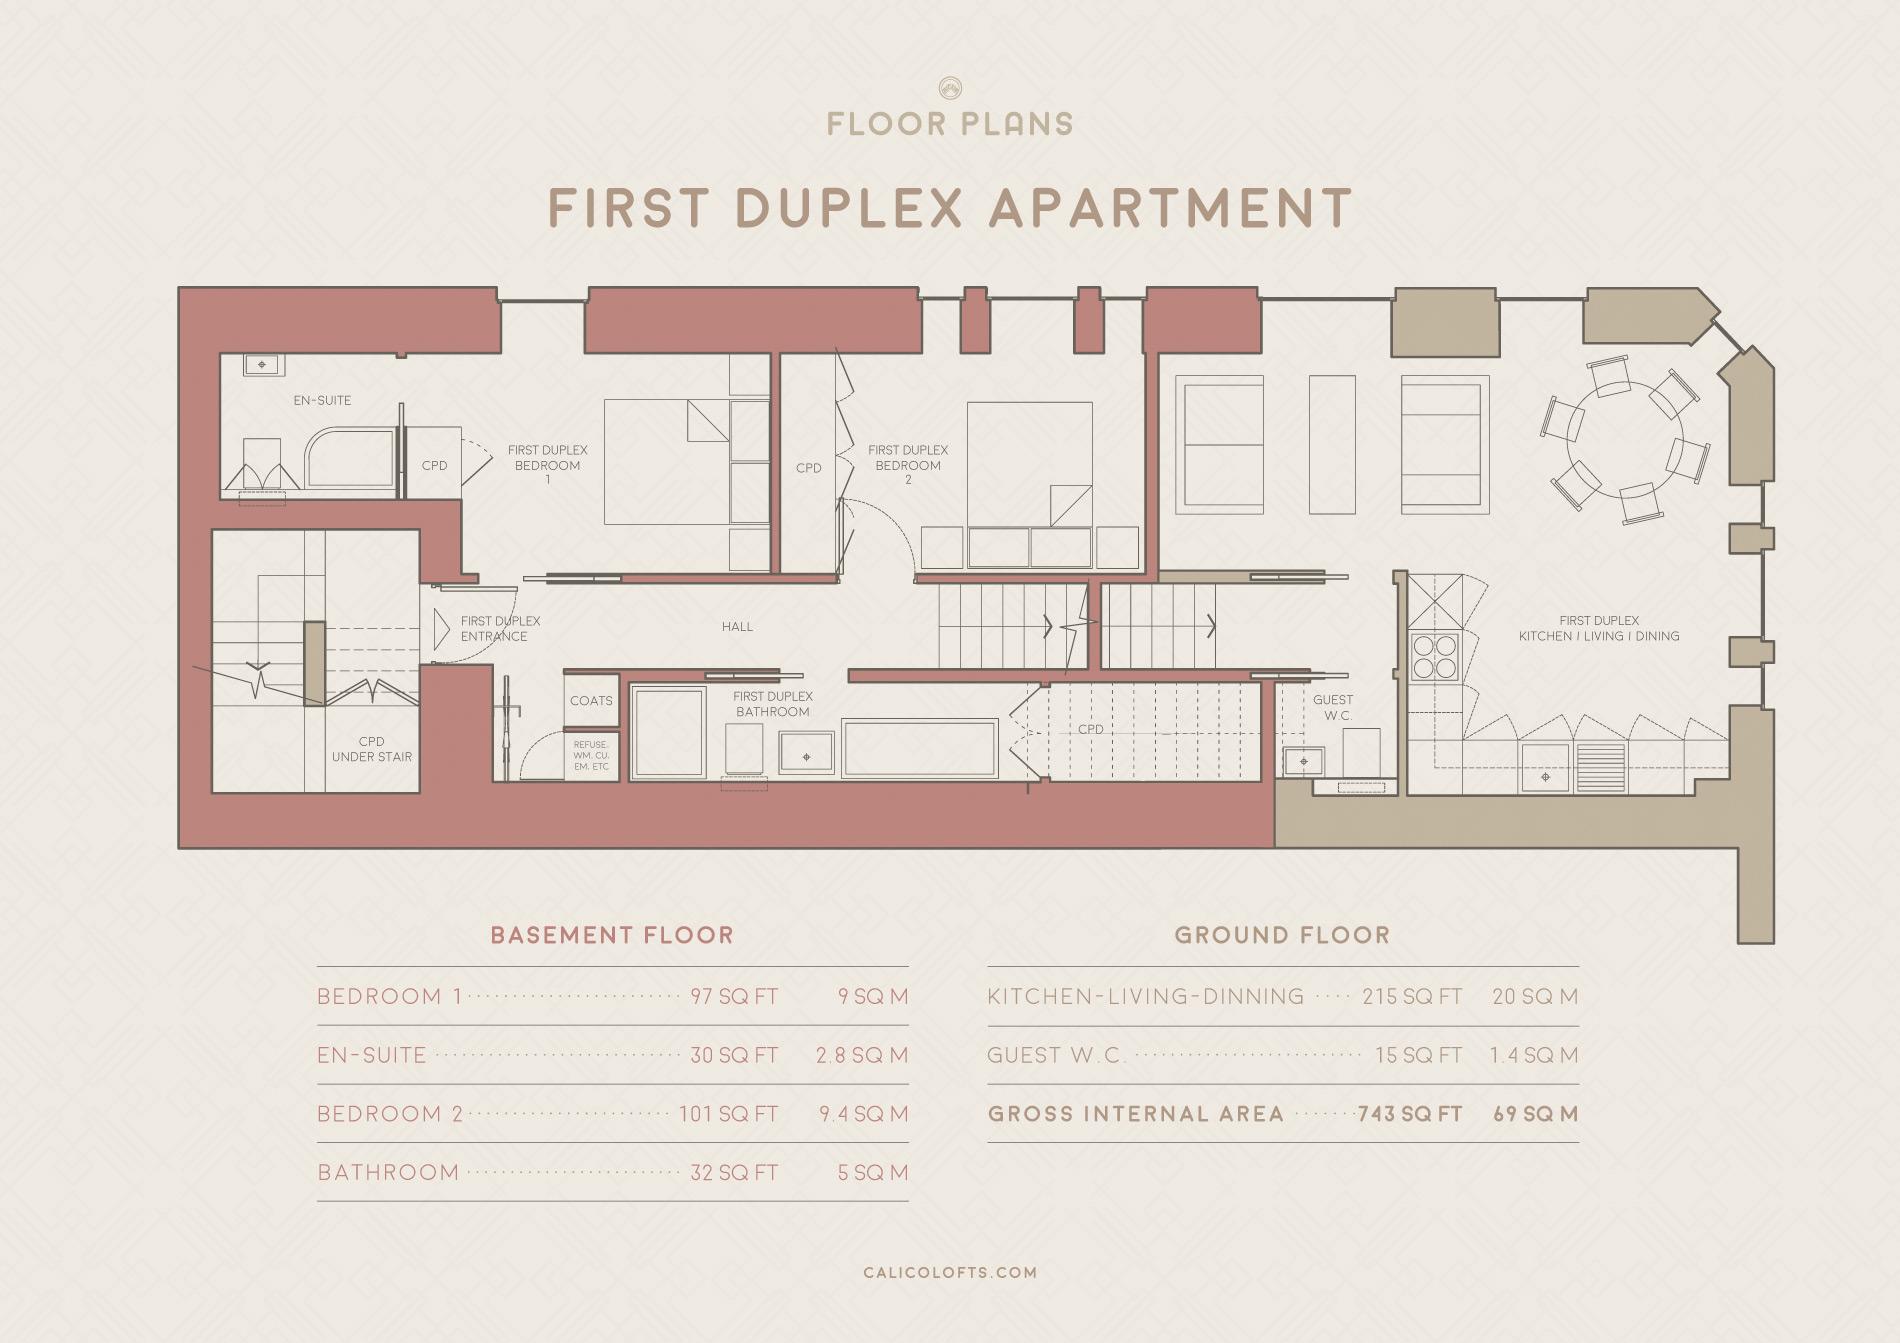 calico-floorplan-first-duplex